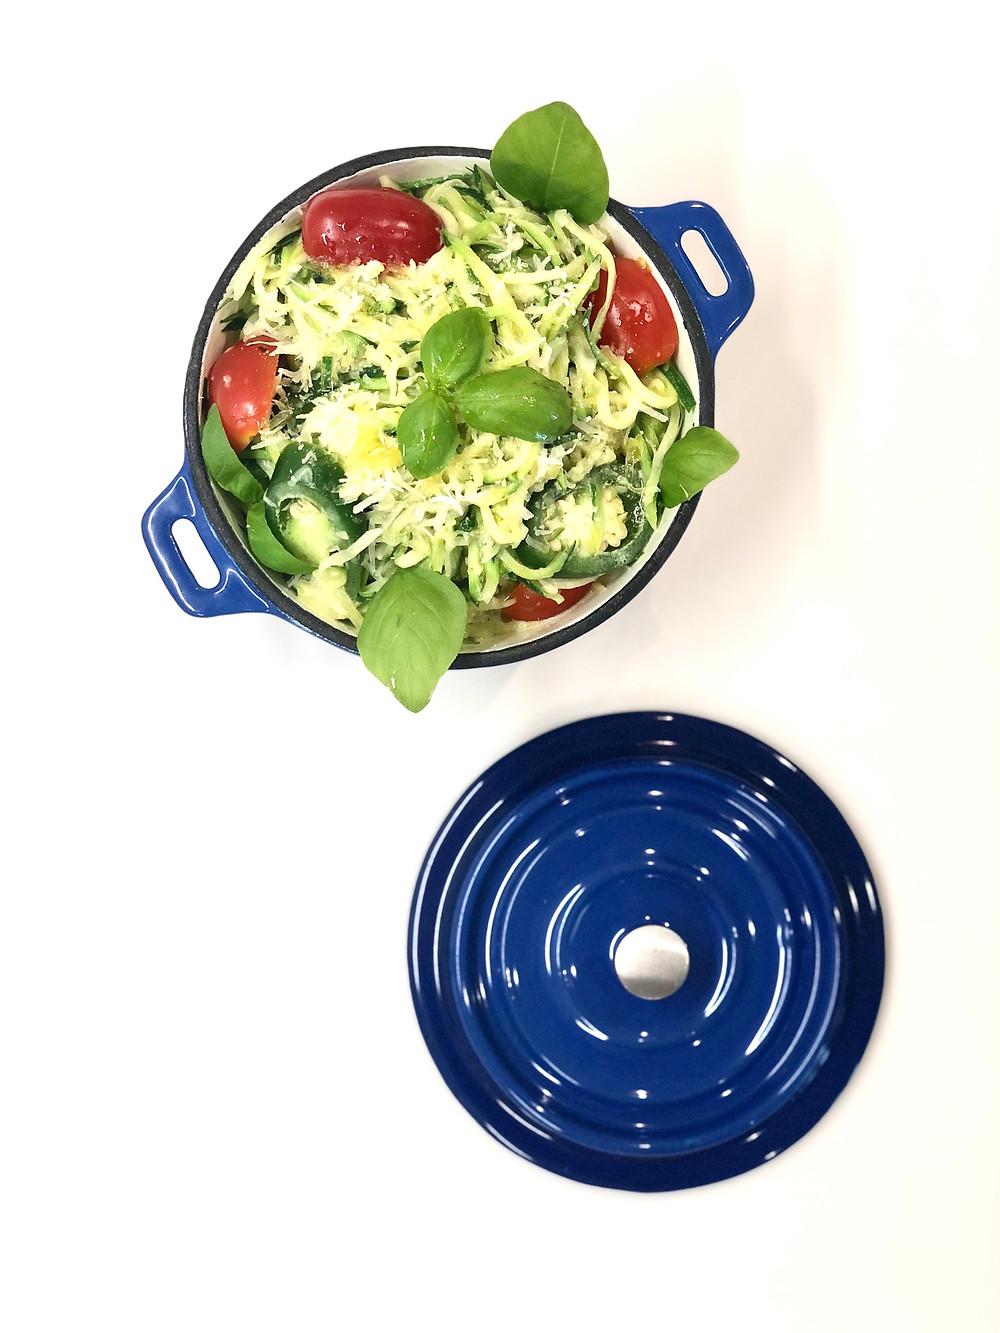 Zoodles (zucchini noodles) 🌱